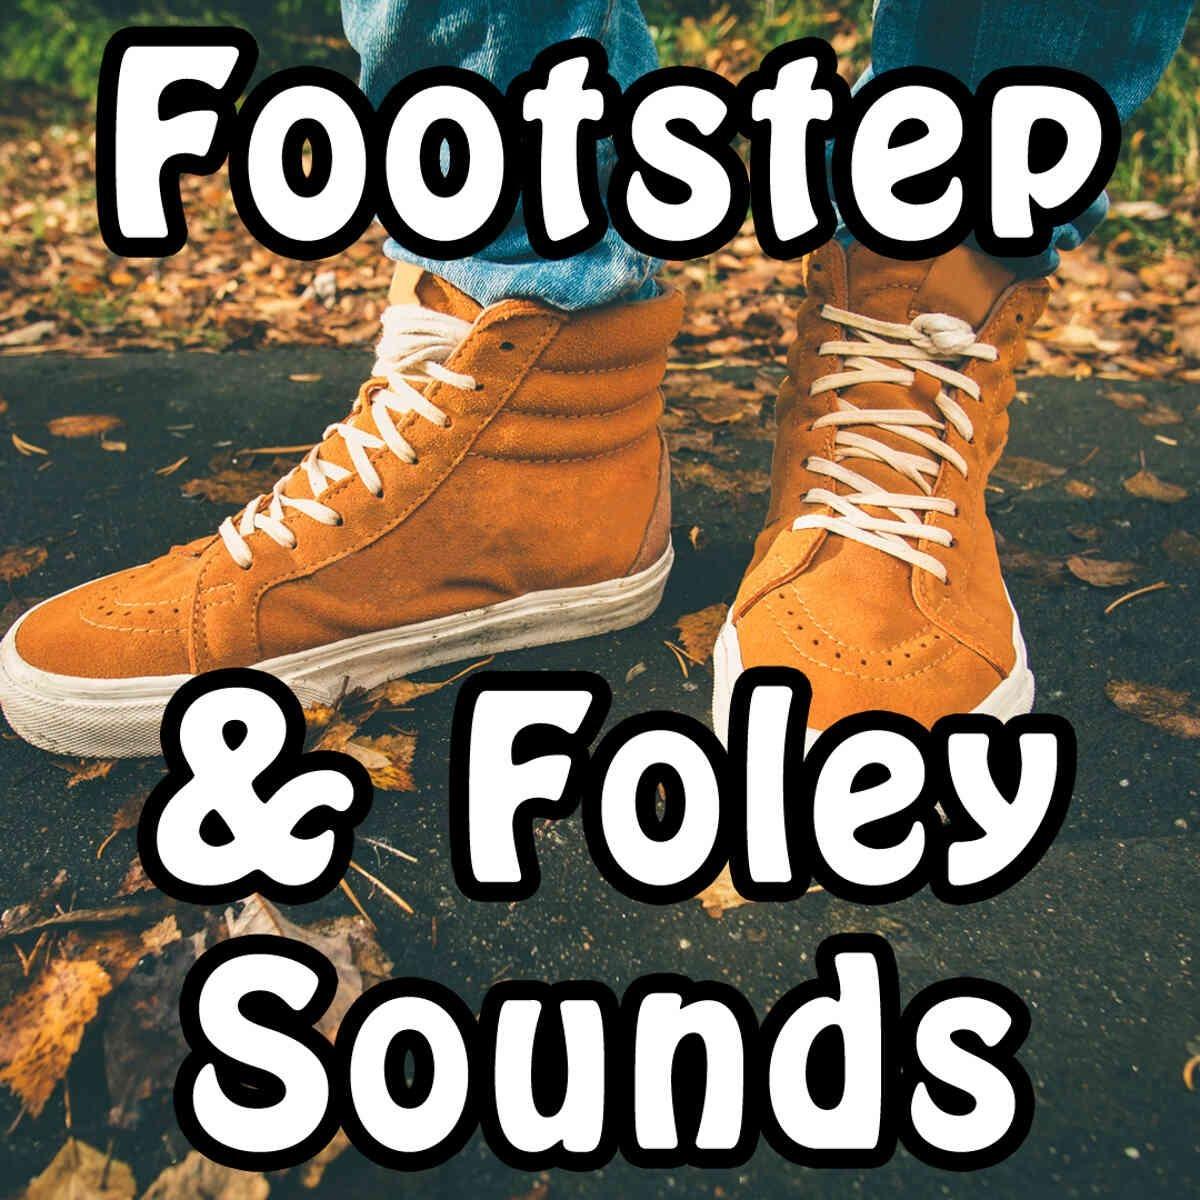 Footstep footwear adalah jawaban dari produk sepatu dan sendal dengan kualitas terbaik dengan harga yang terjangkau, sob. Footstep & Foley Sounds - Sampleism